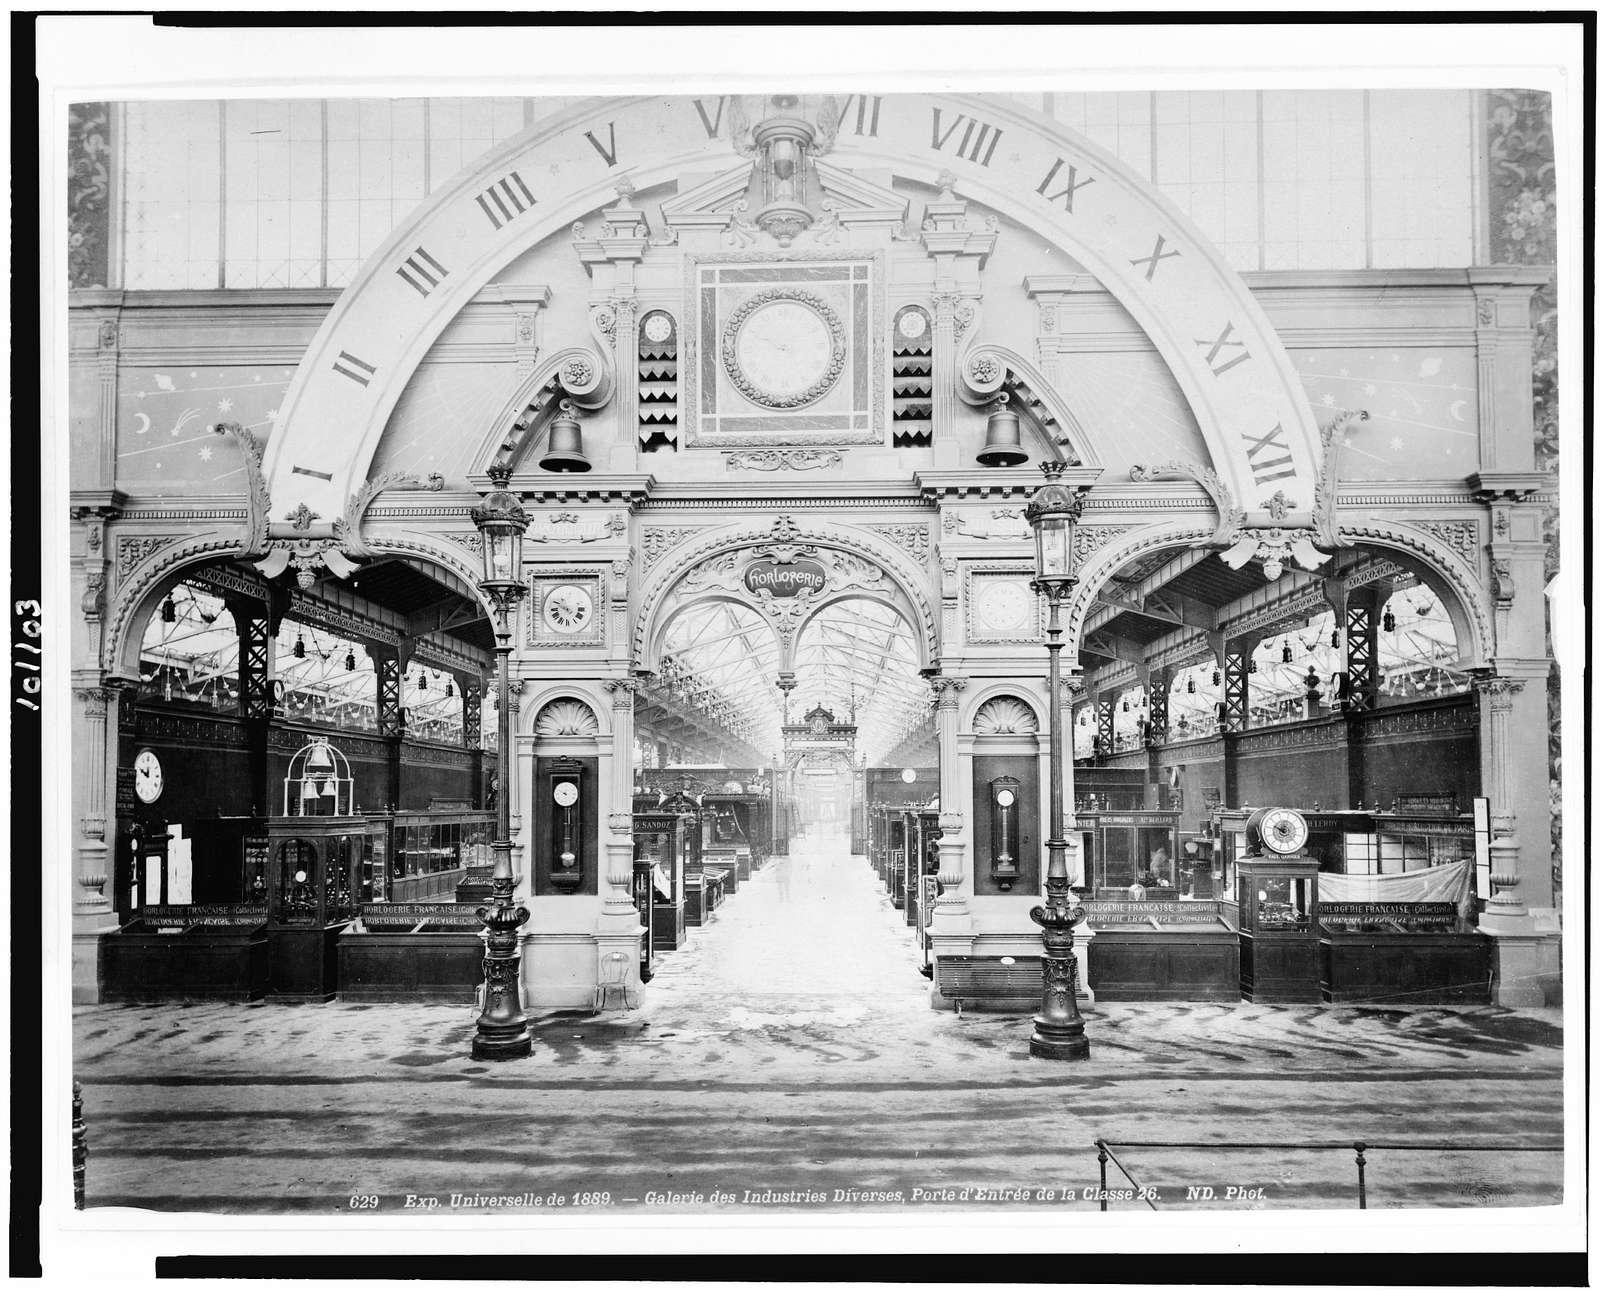 Exp. universelle de 1889 - Galerie des industries diverses, porte d'entrée de la classe 26 / ND Phot.